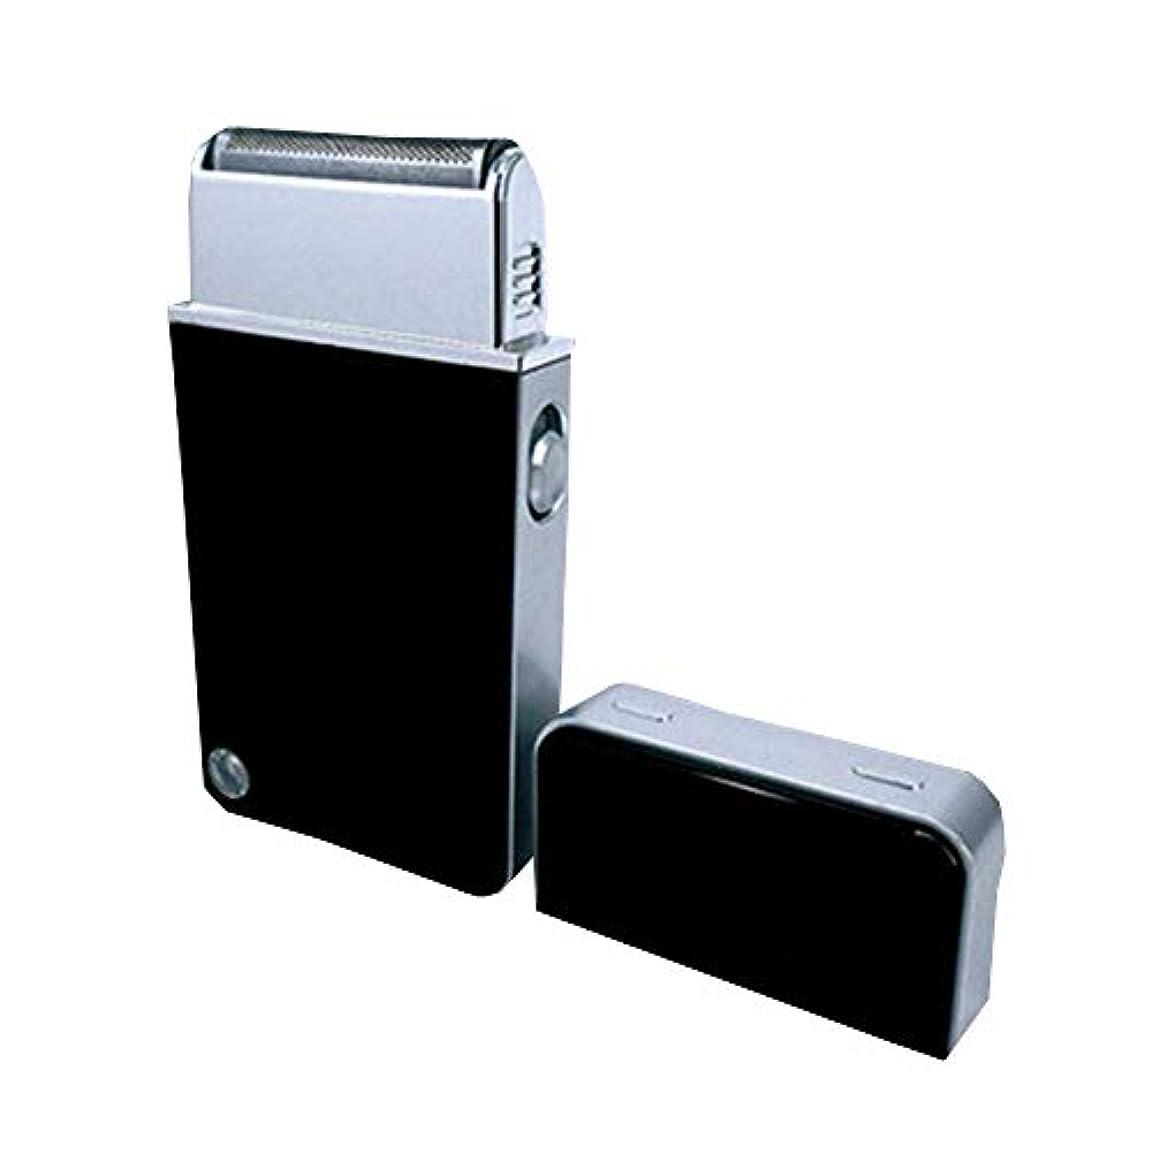 枕掃く注目すべき髭剃り シェーバー メンズ USB充電式 コンパクト 旅行用